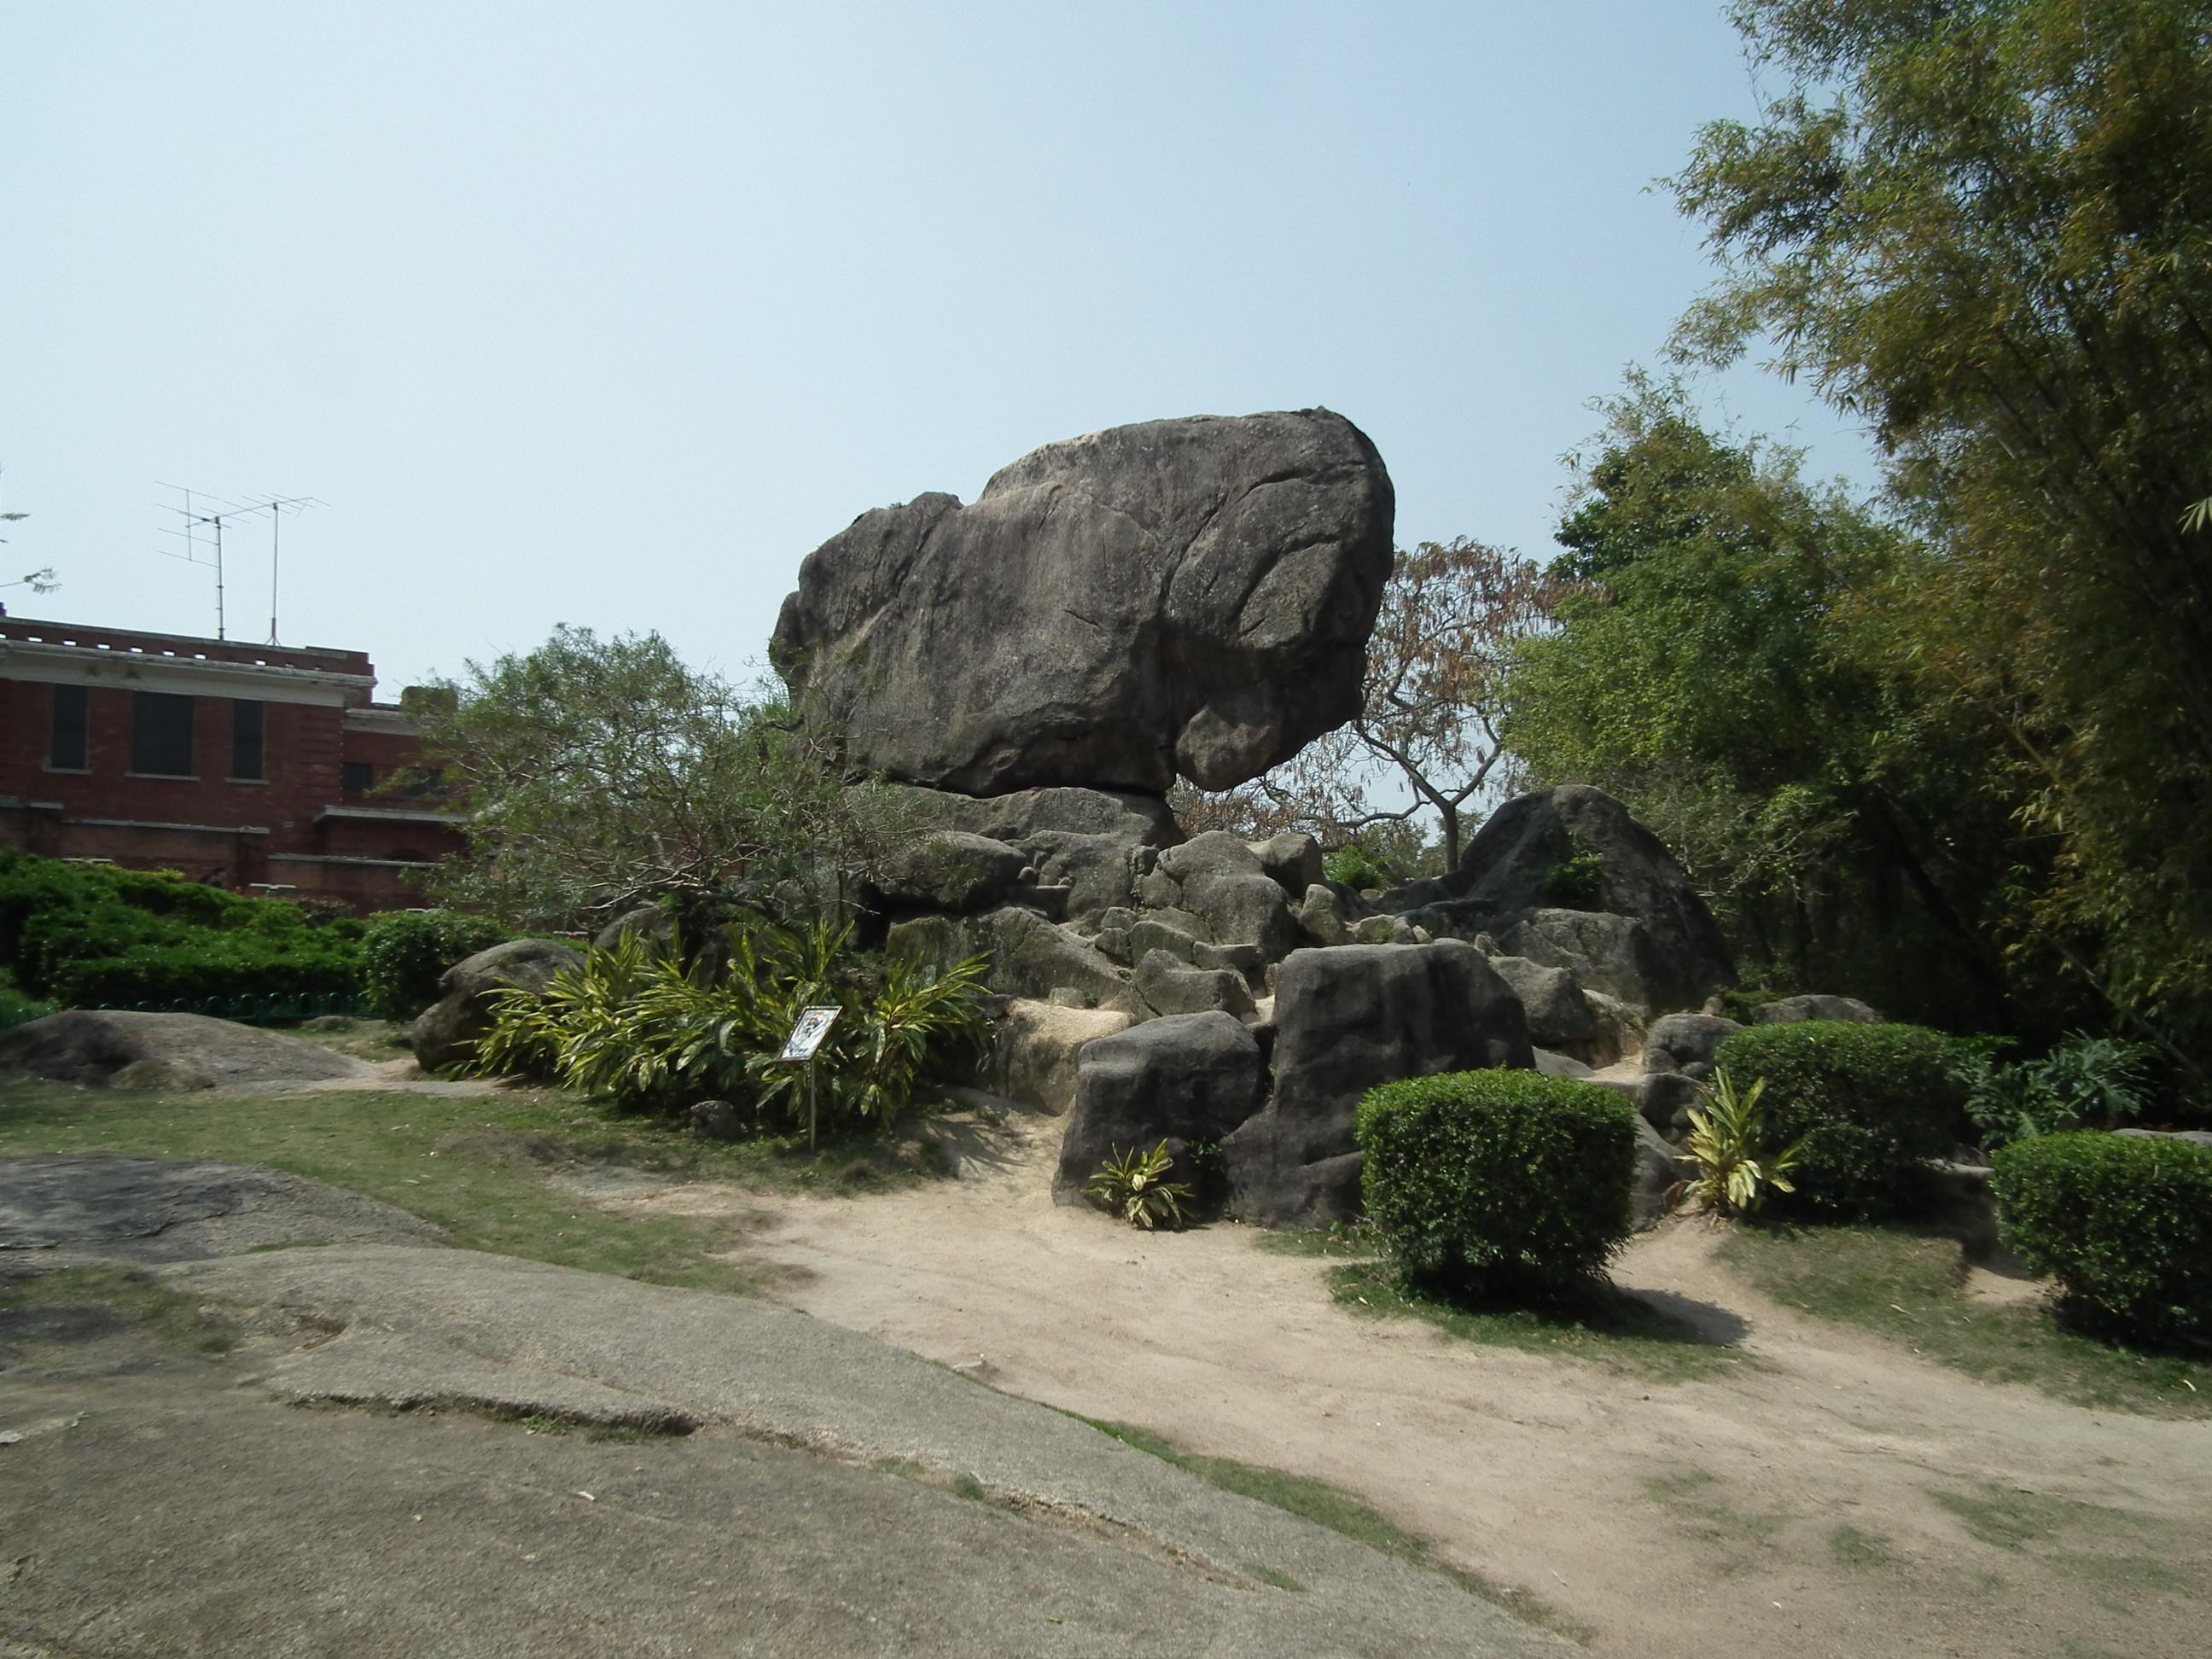 看得出这块石头像什么动物